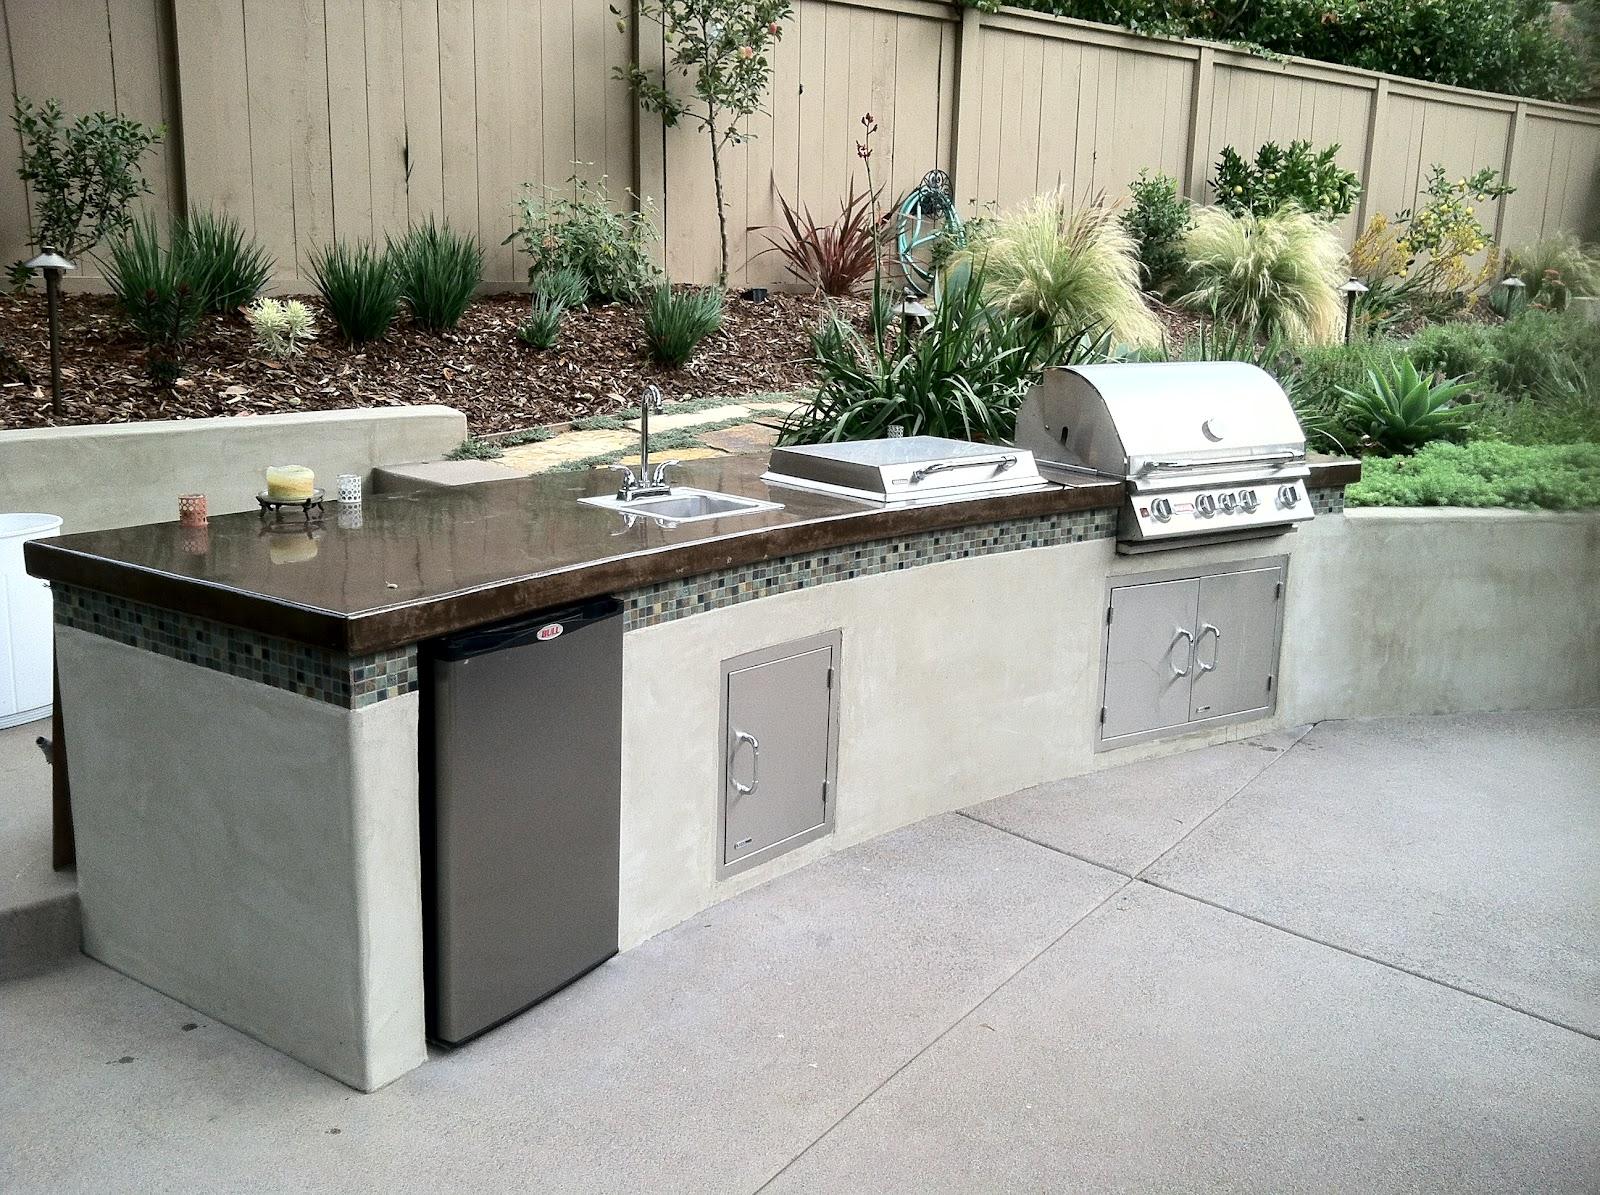 outdoor kitchen bbq maytag ranges modern barbecue island  sage